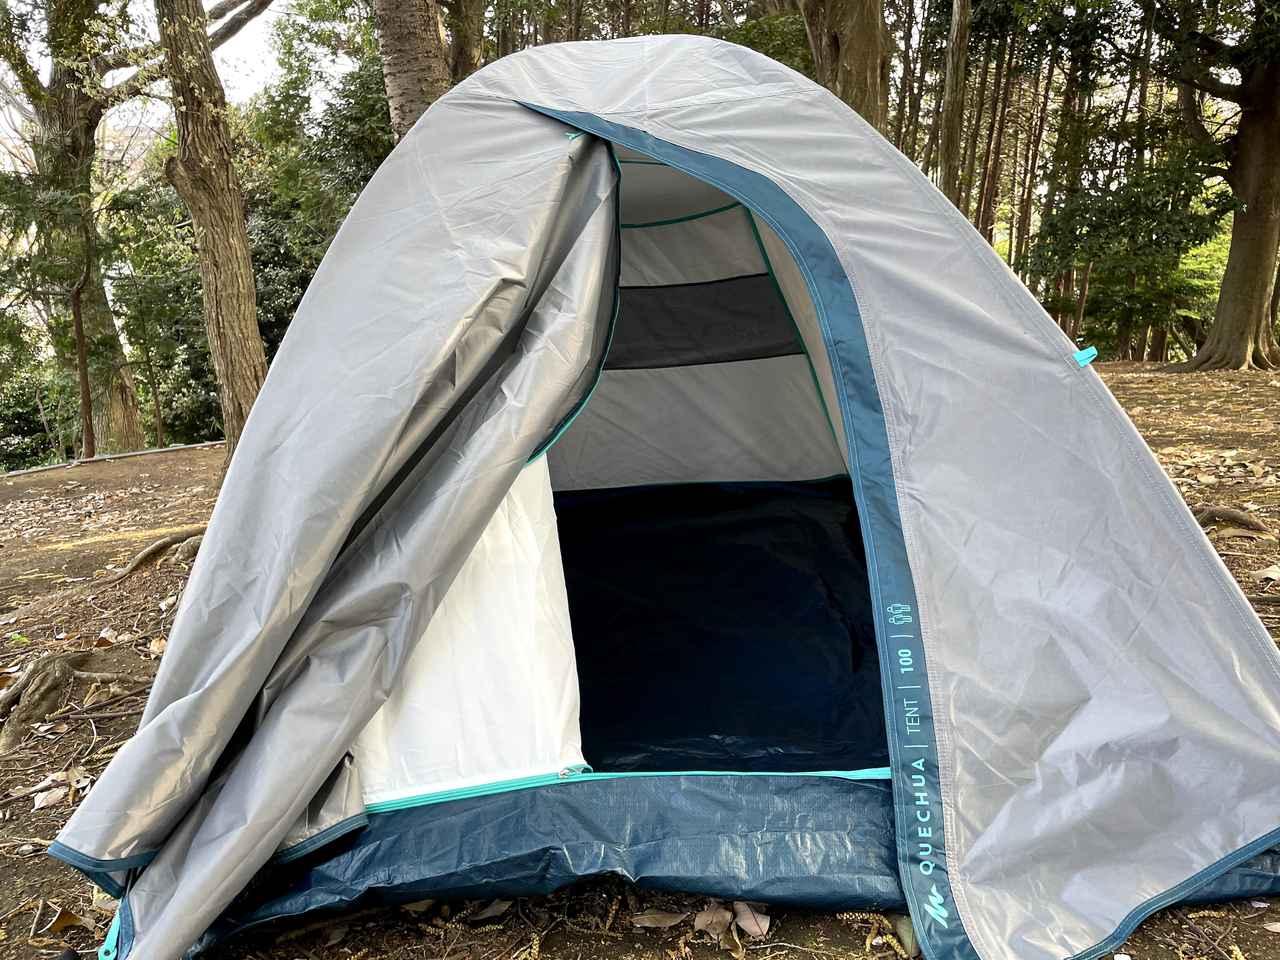 画像: デカトロン QUECHUA (ケシュア) キャンプ・登山・ハイキング テント MH100 - 2人用 / 筆者撮影